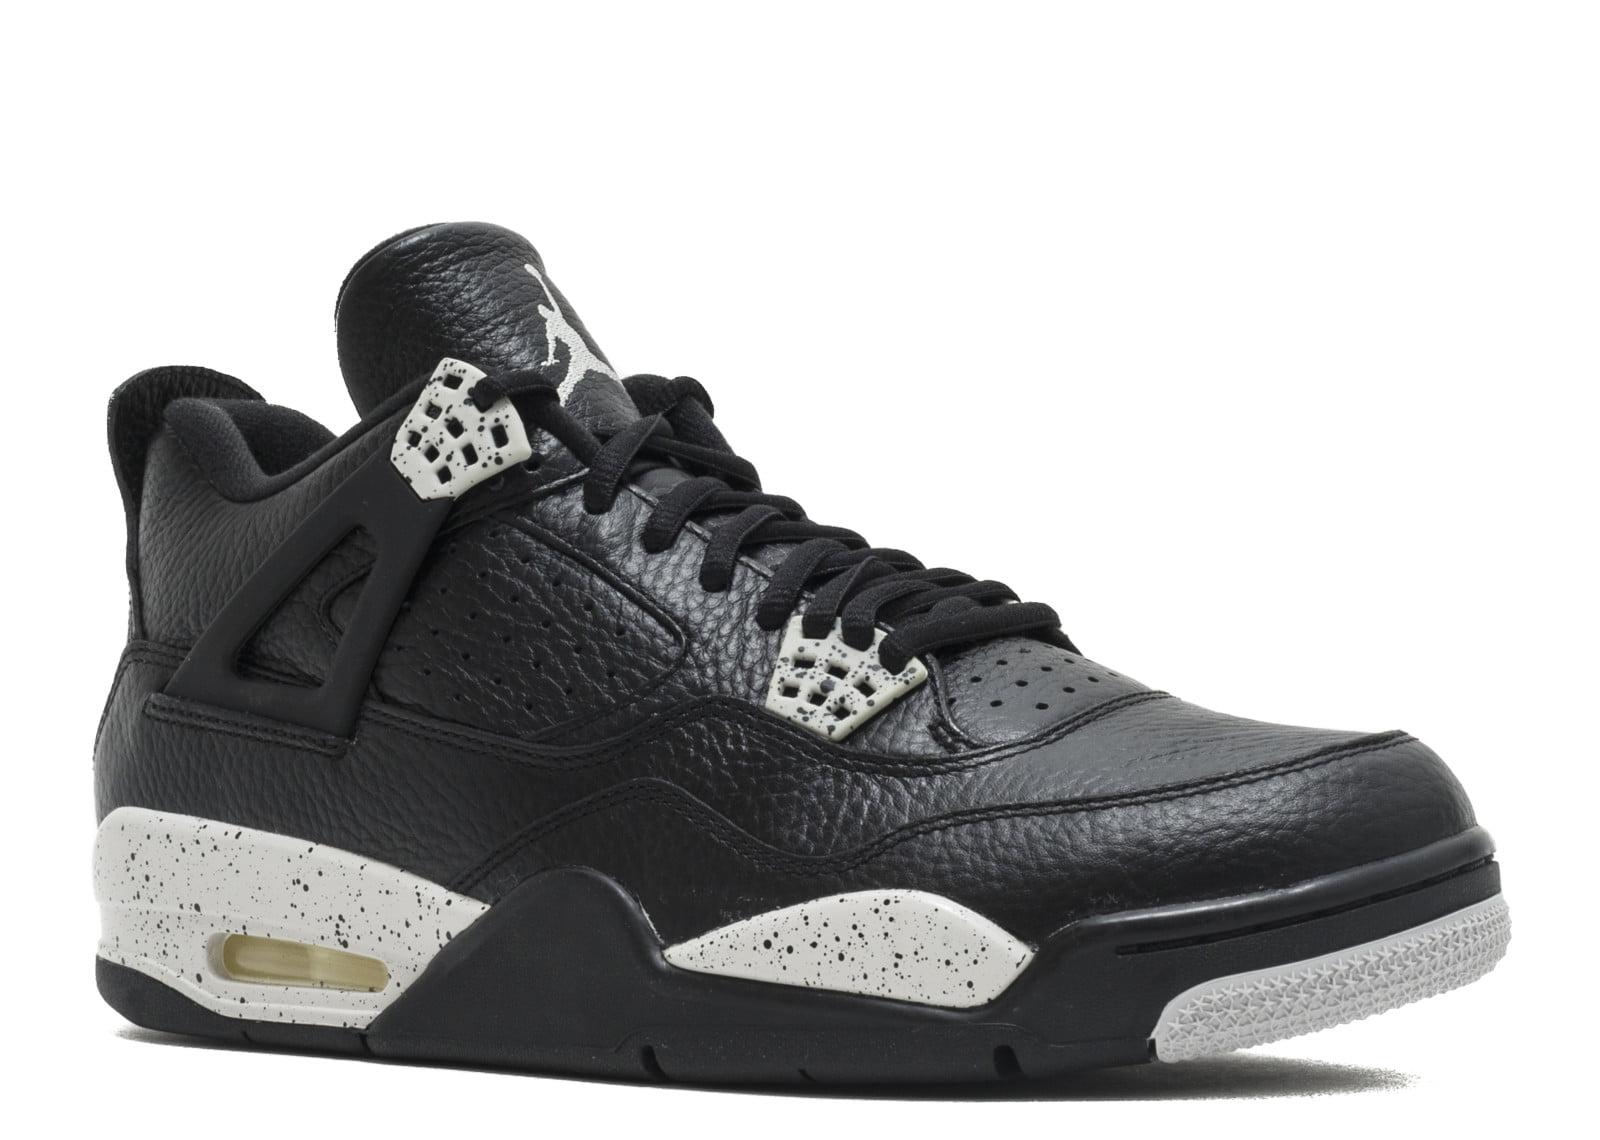 Air Jordan - Men - Air Jordan 4 Retro Ls  Oreo  - 314254-003 - Size 13 aa13eb307